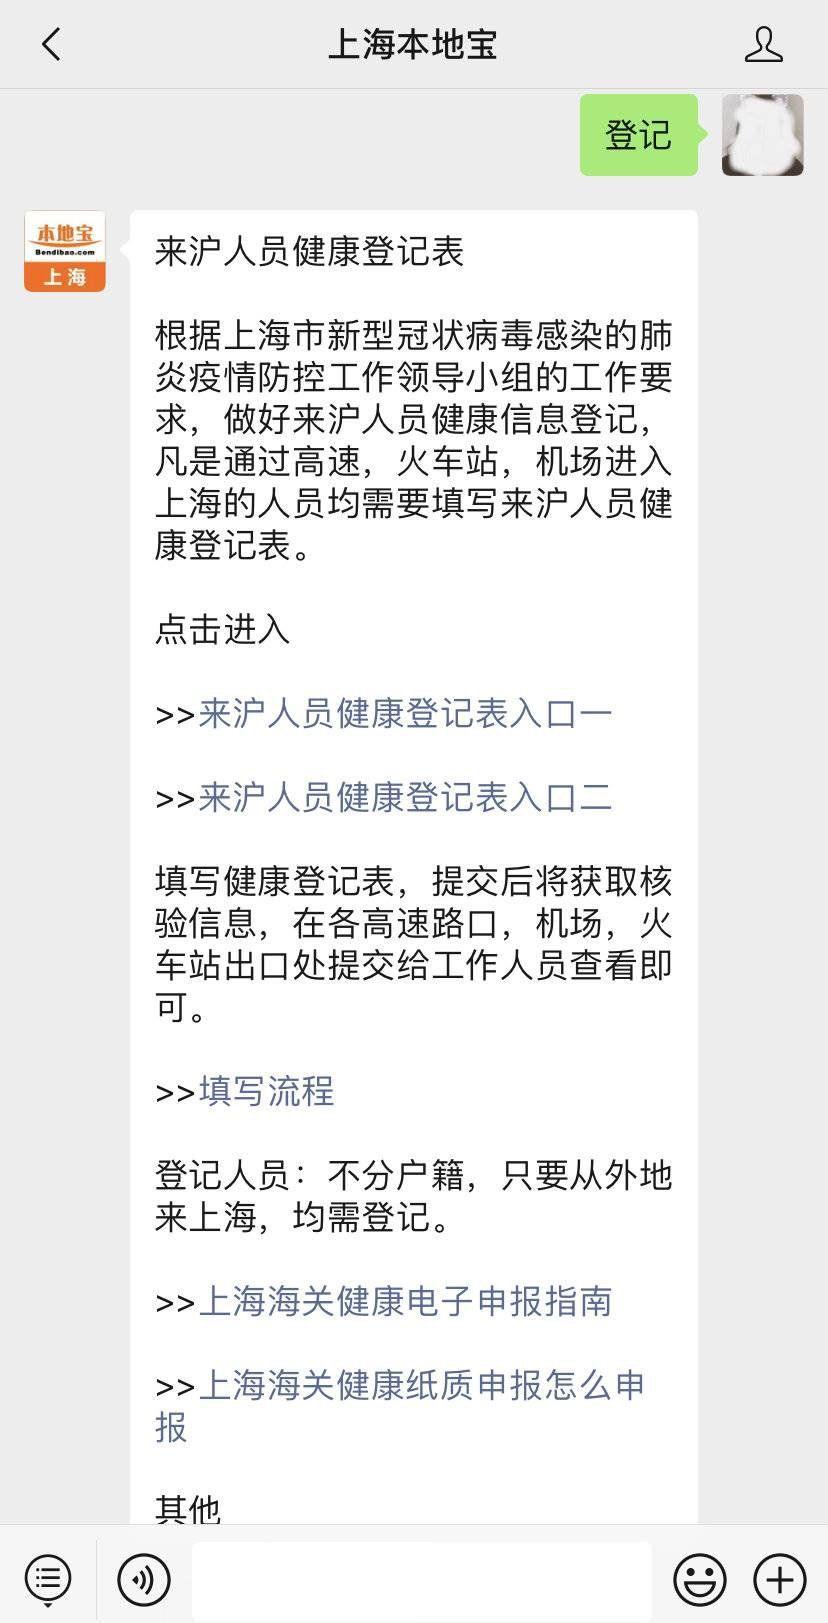 上海抵沪健康登记表怎么填 在哪里填